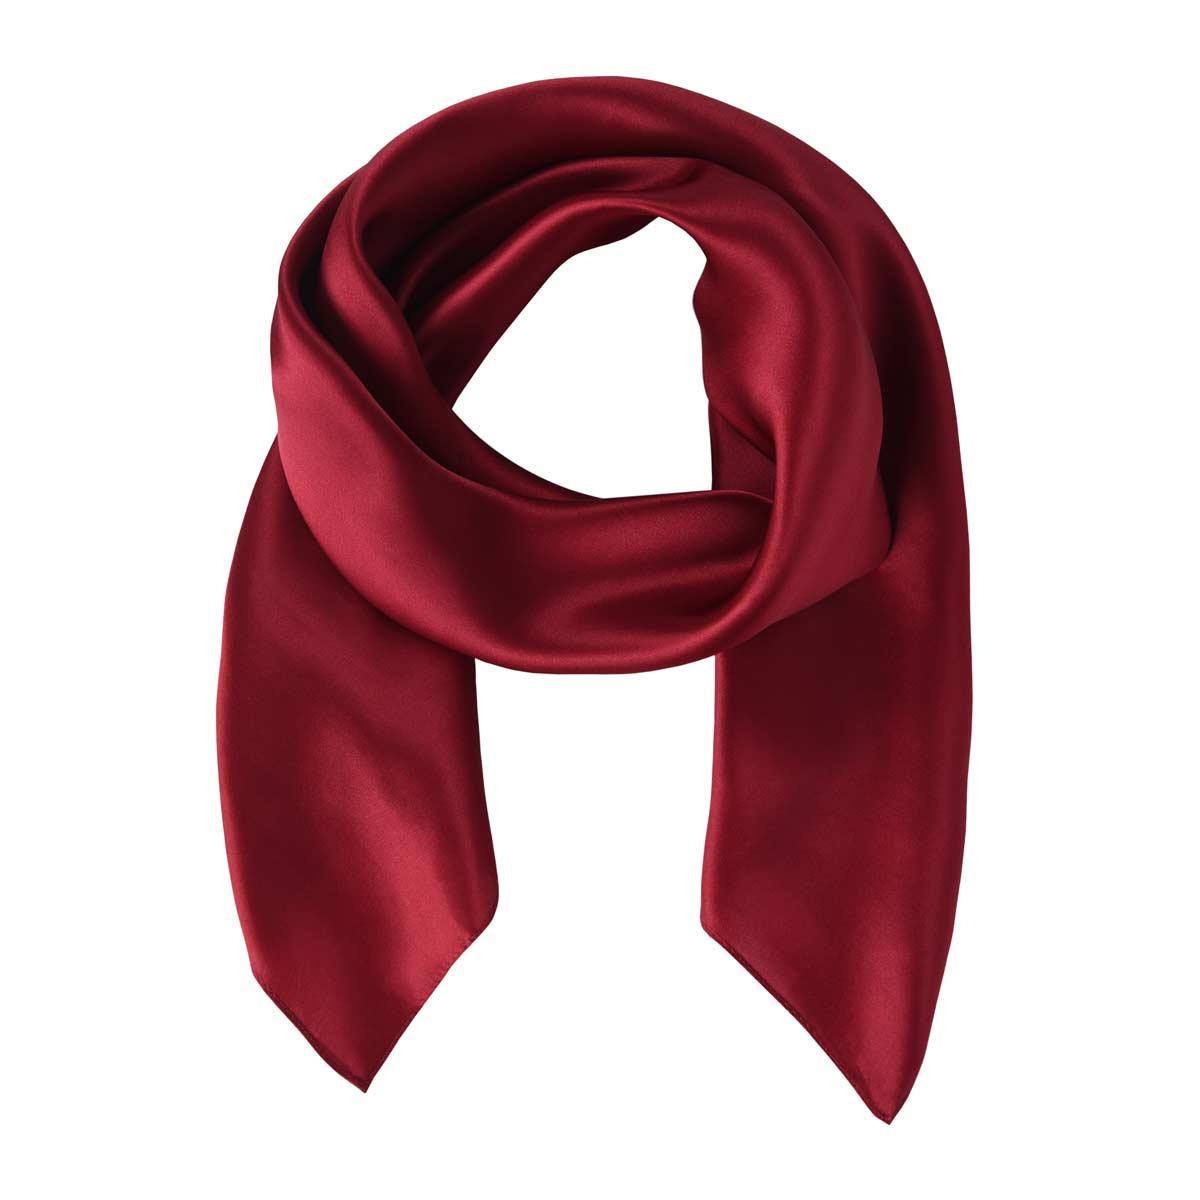 AT-05376_F12-1--_Grand-carre-de-soie-rouge-fonce